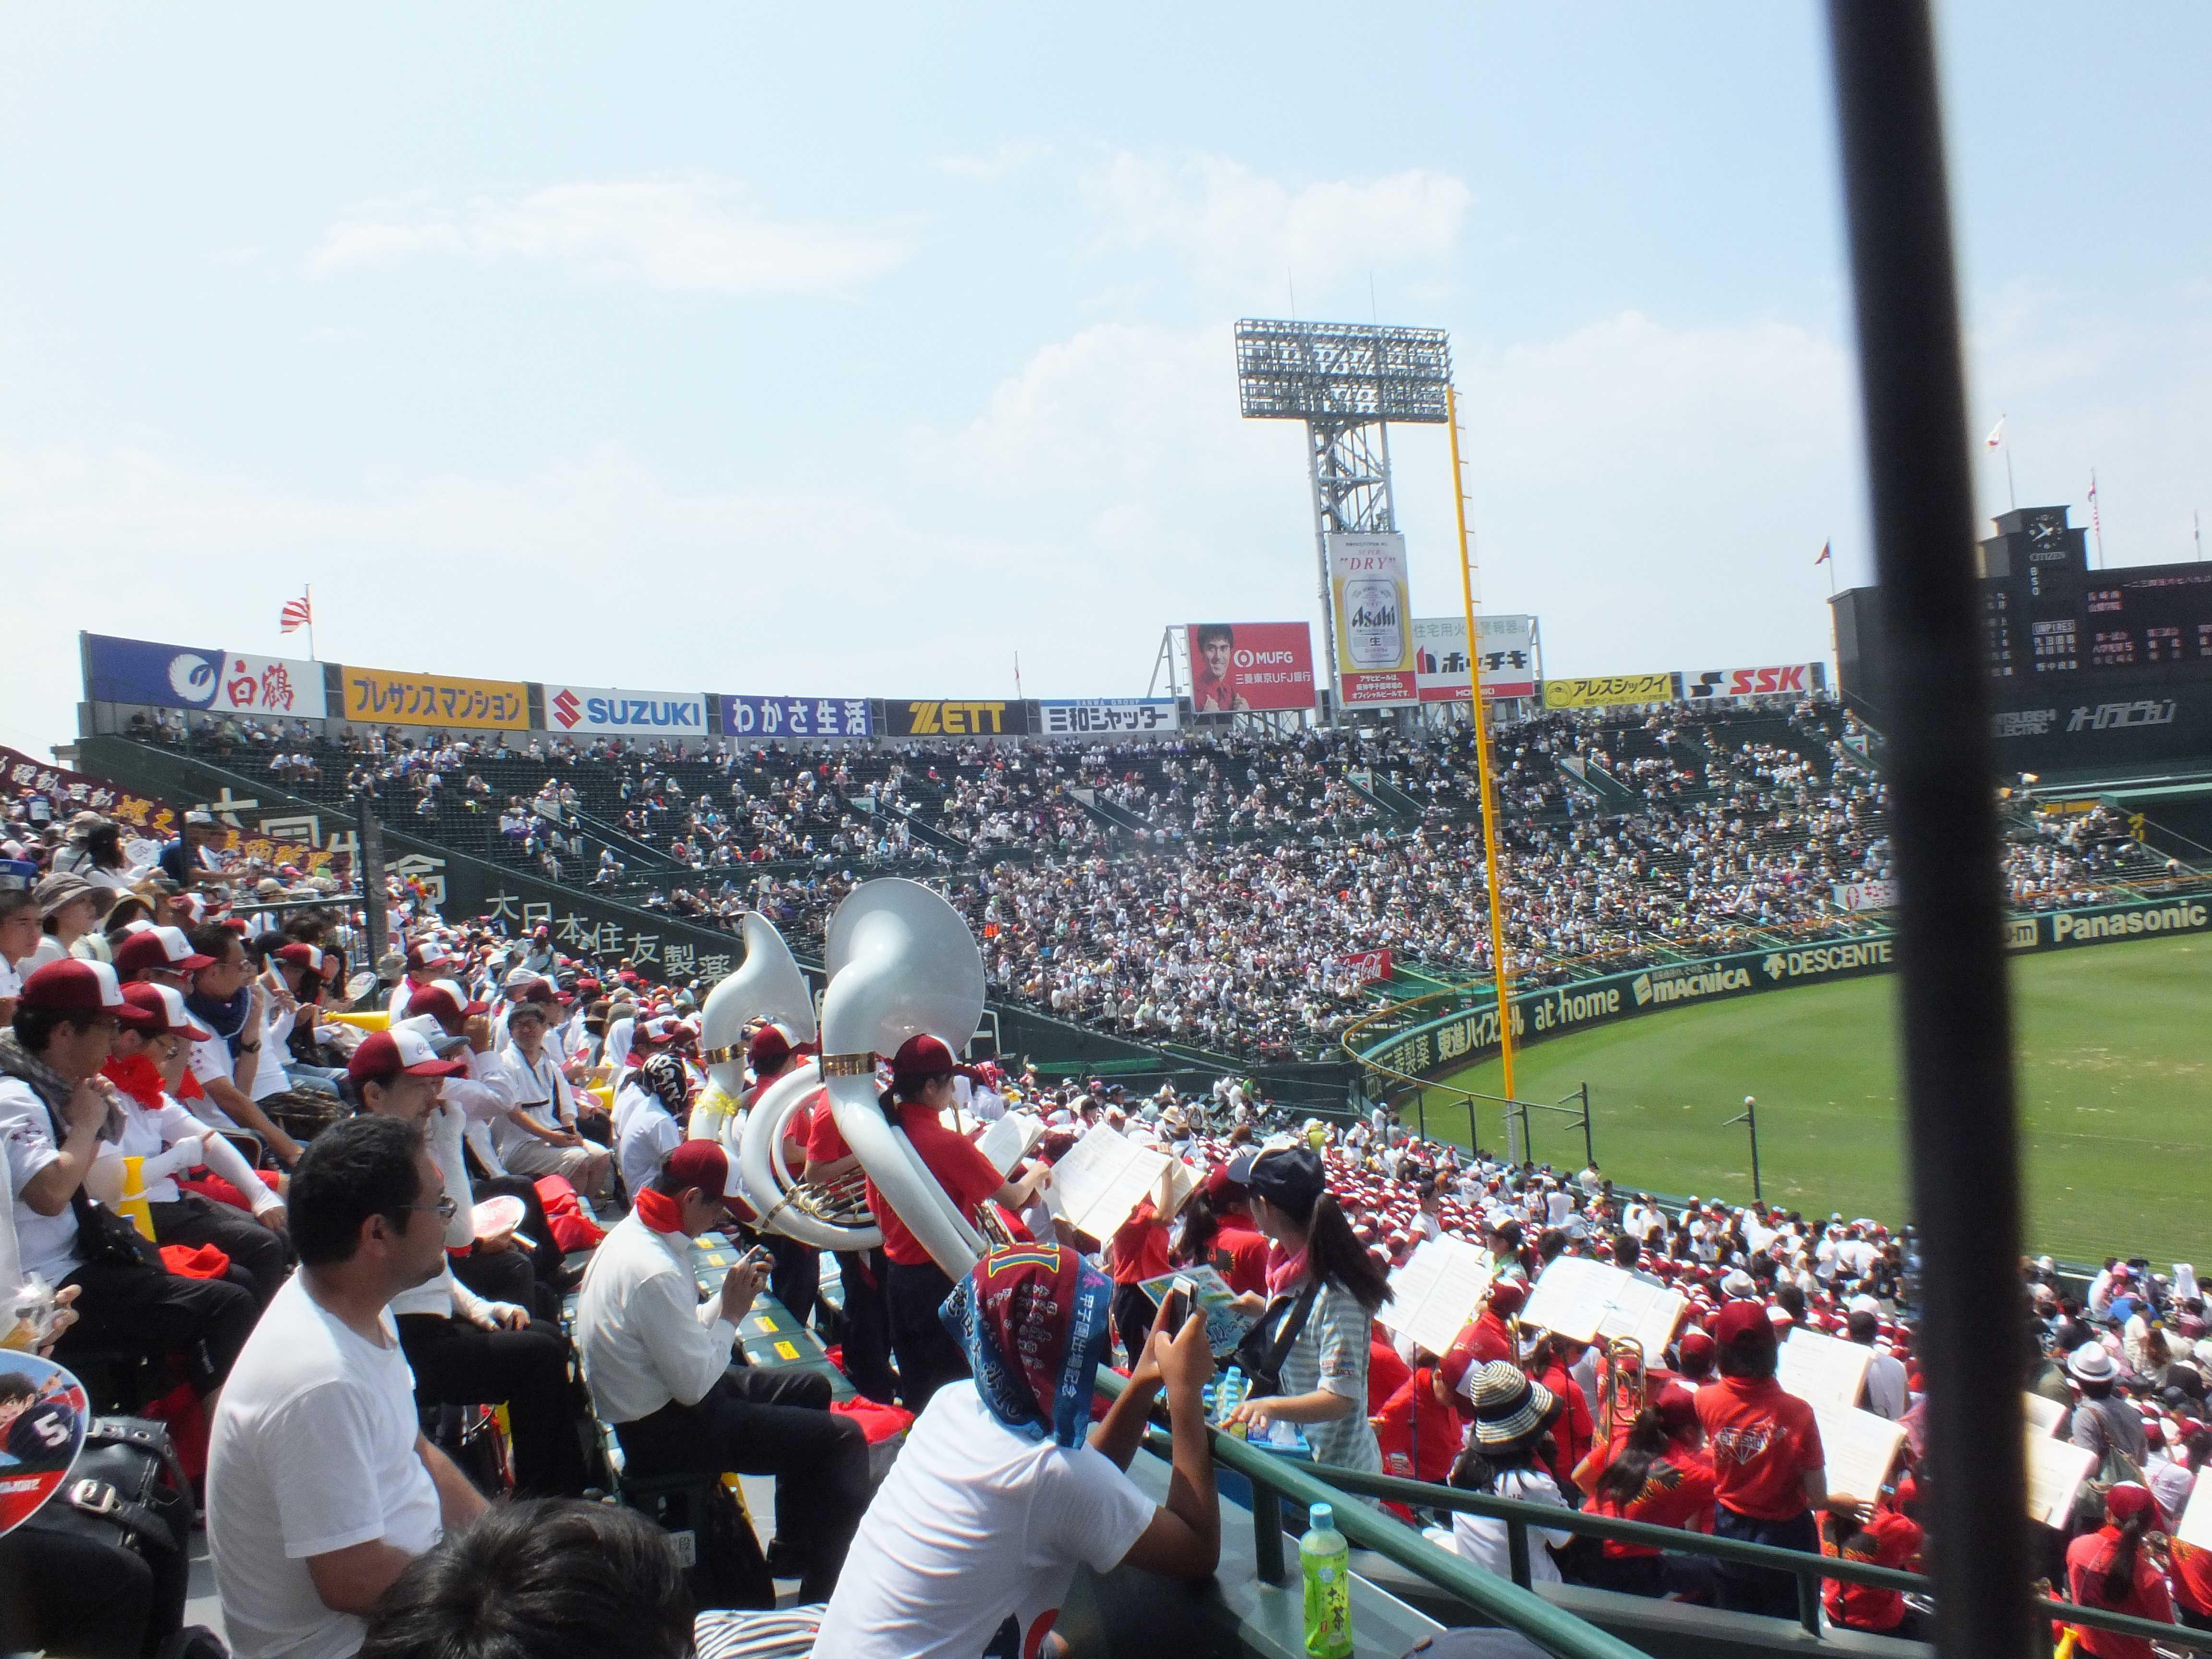 3塁側、長崎商業の応援団